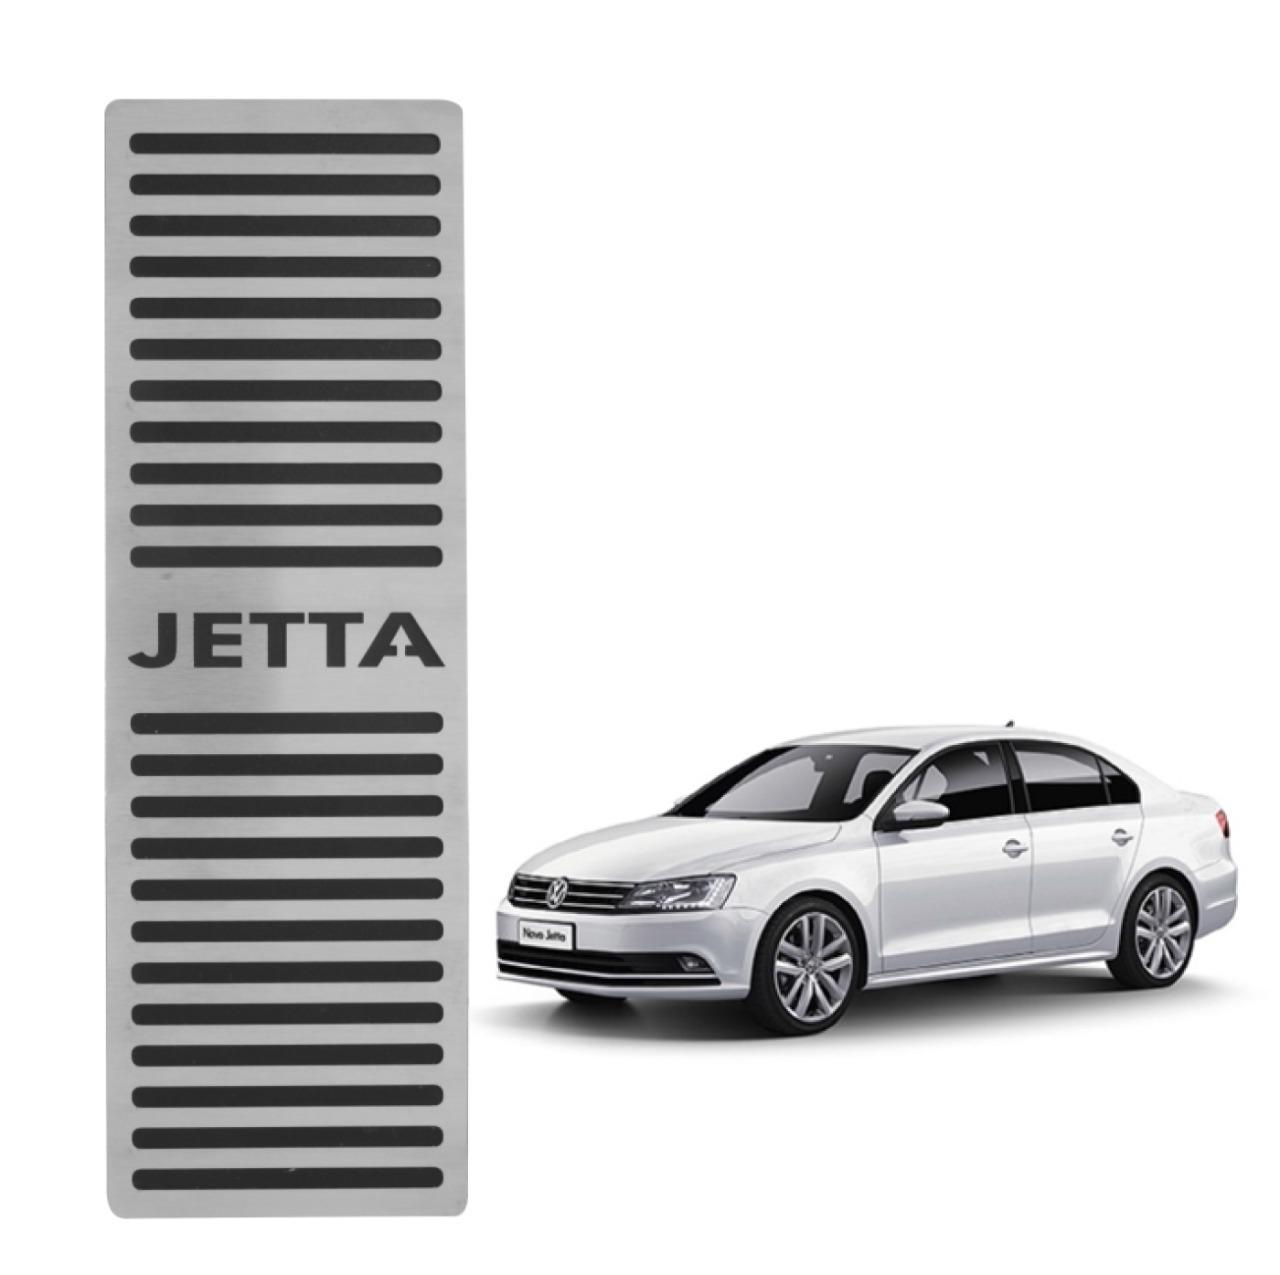 Descanso de Pé Volkswagen Jetta 2011 á 2018 Aço Inox Escovado